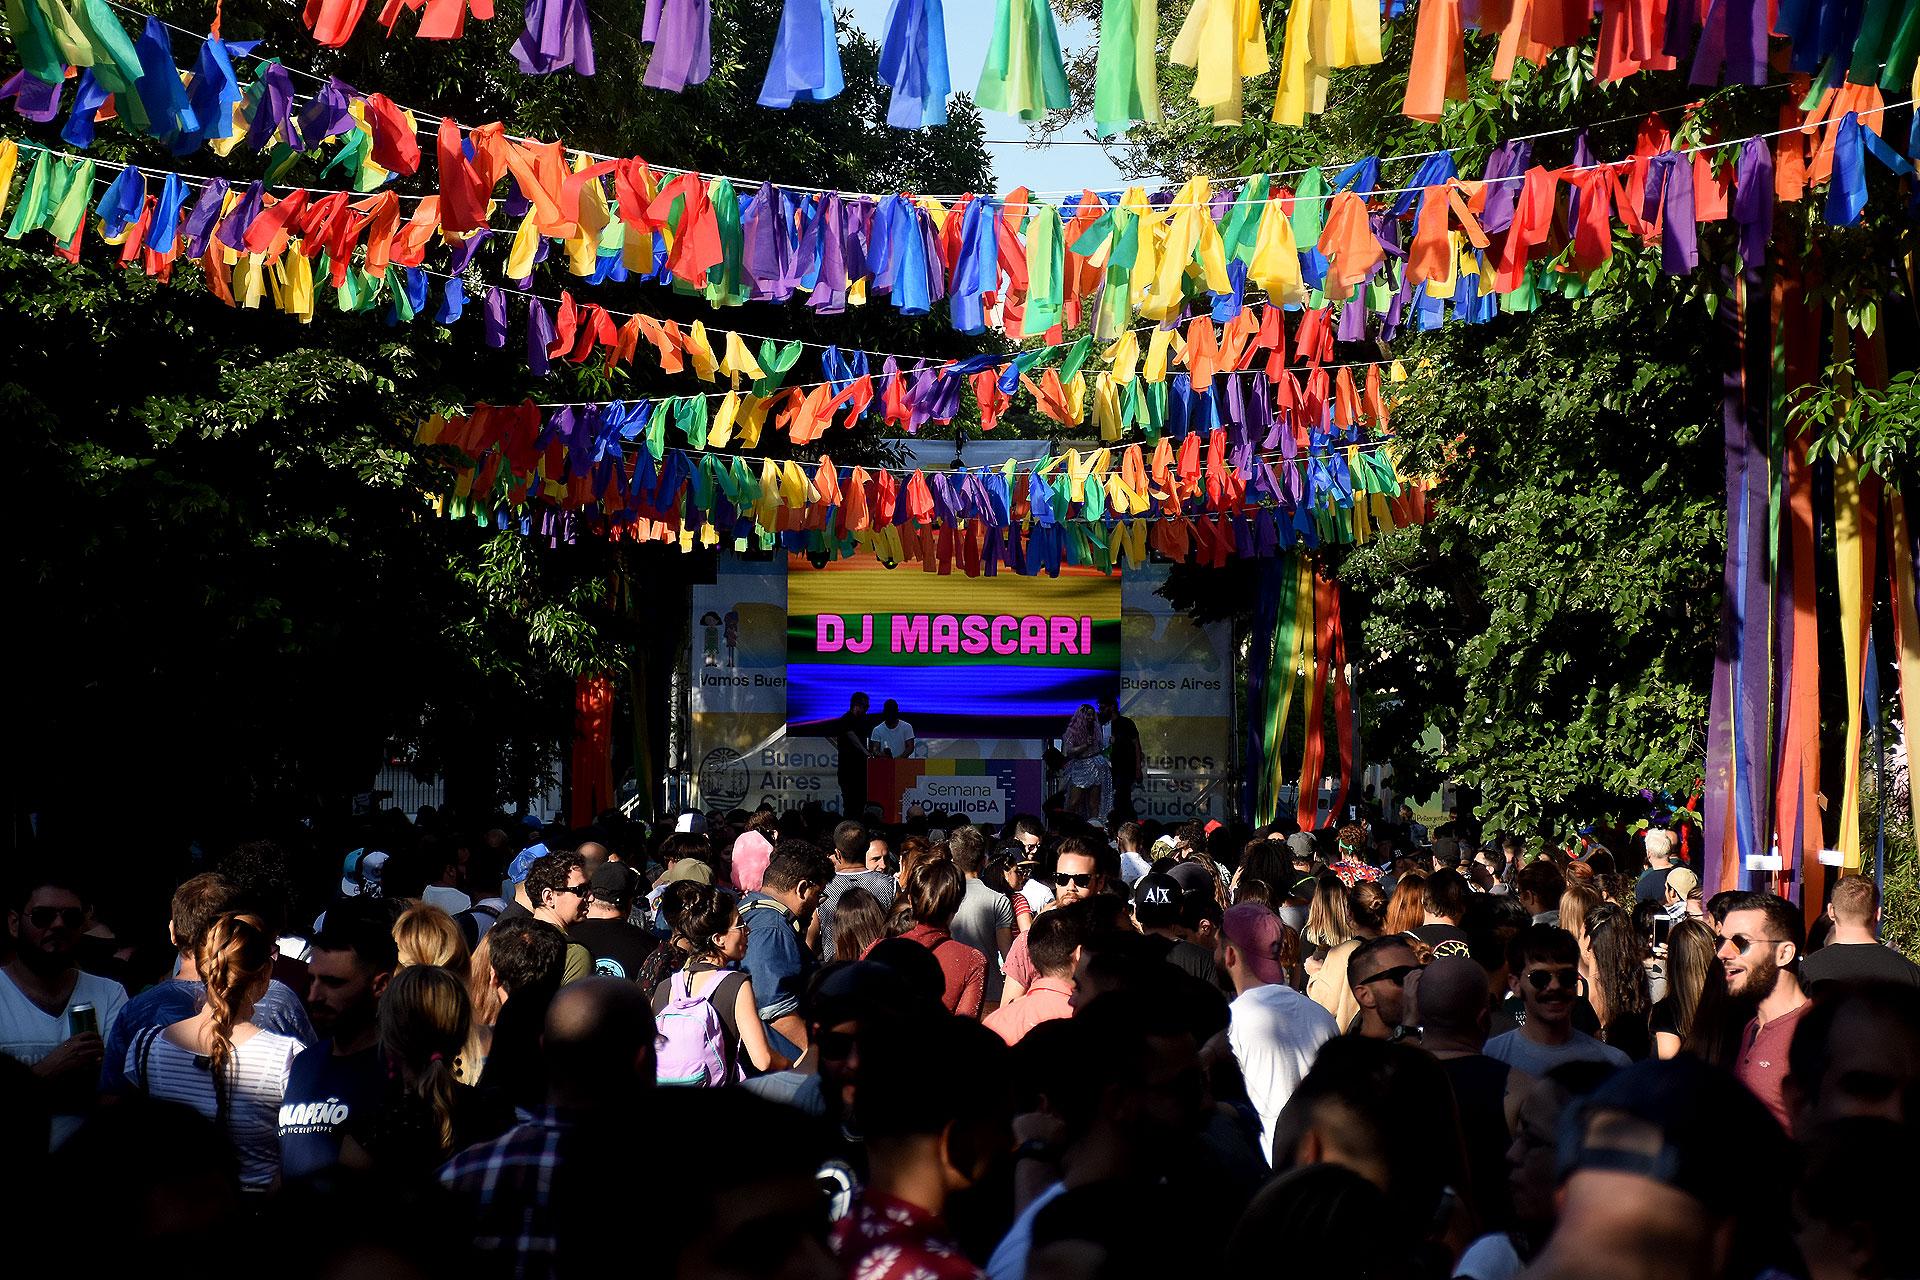 Este año, por primera vez en 27 años, las organizaciones LGBTIQ se movilizarán por separado el 10 y el 17 de noviembre